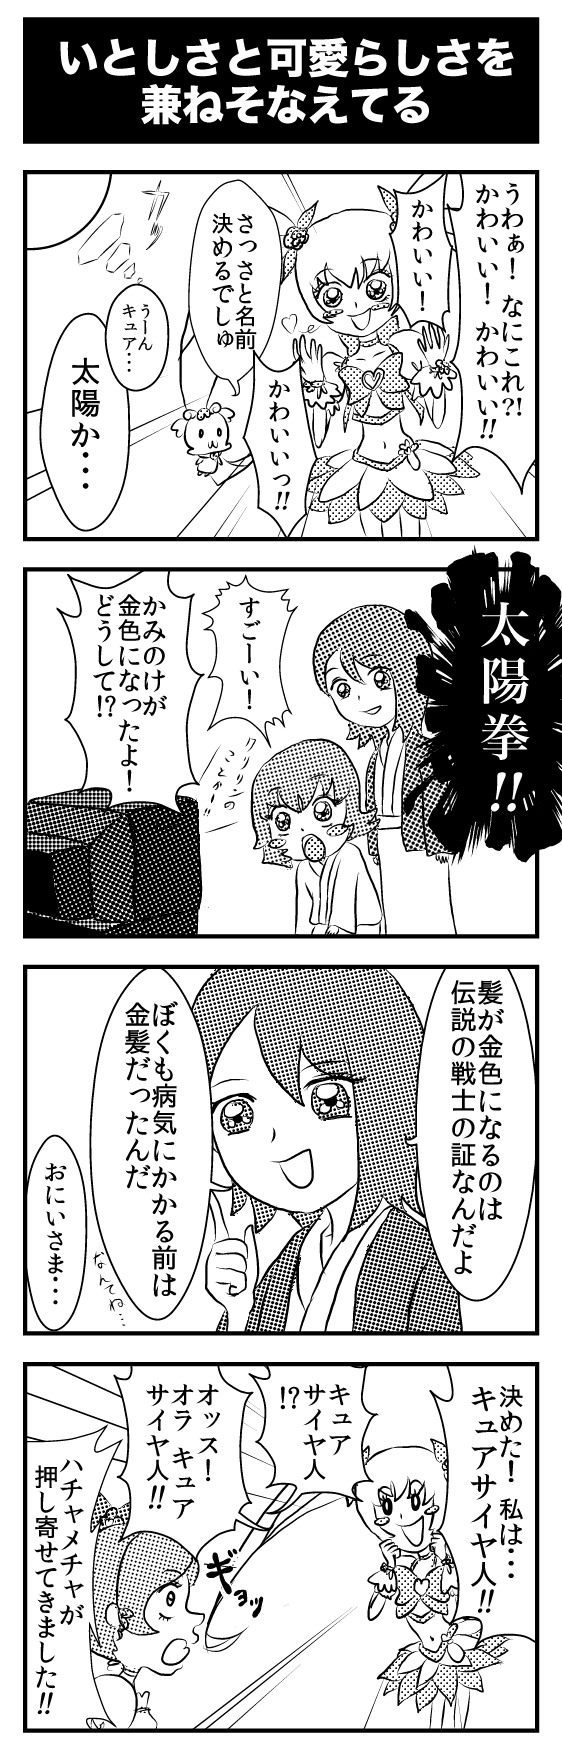 b0135314_827156.jpg